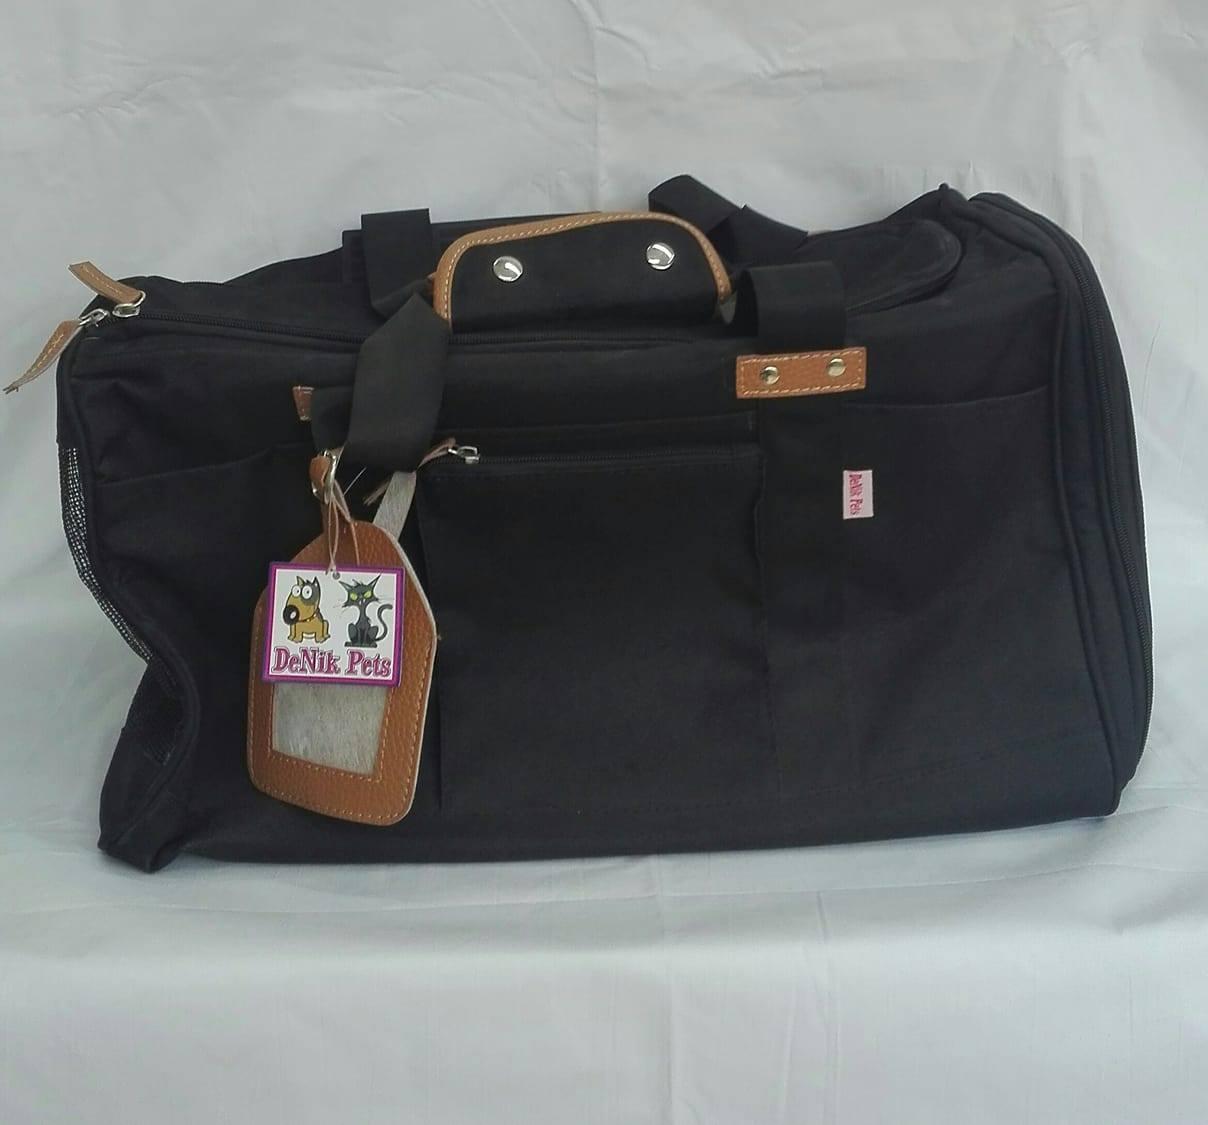 DeNik-Pets-Μαύρη-τσάντα-μεταφοράς